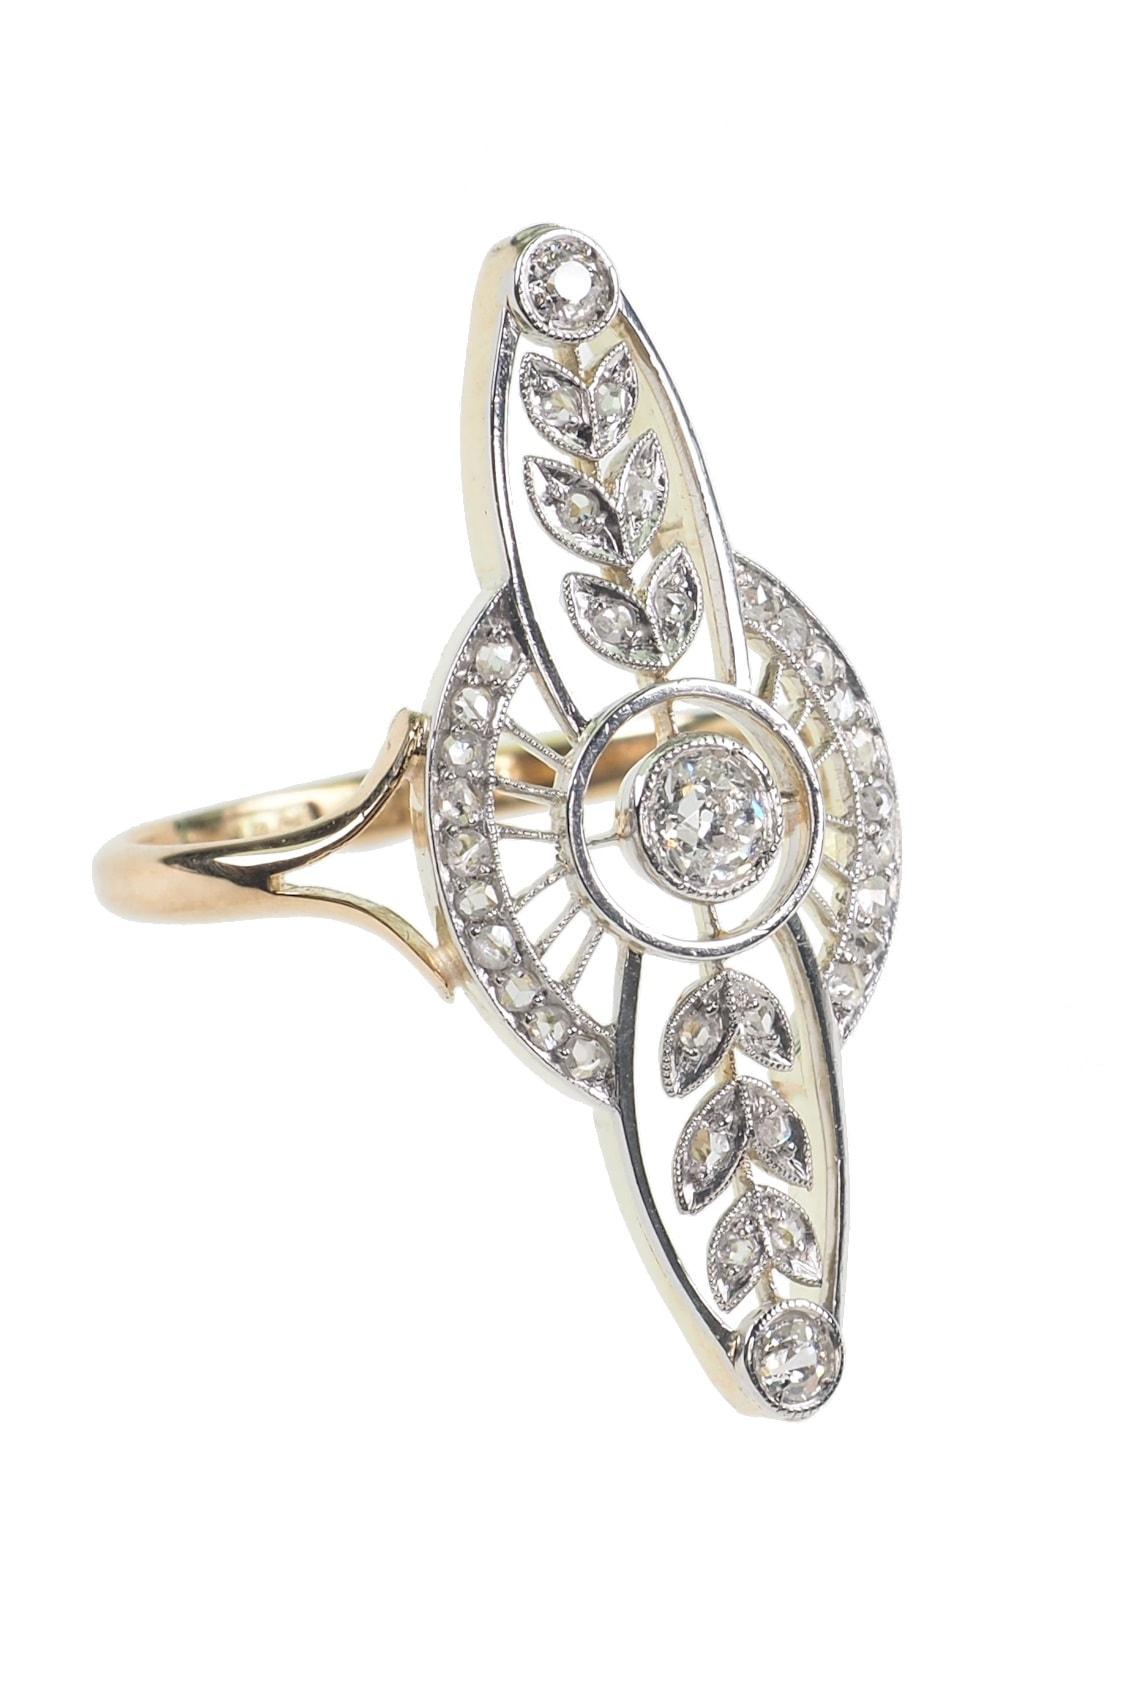 Diamantringe-online-kaufen-2699a